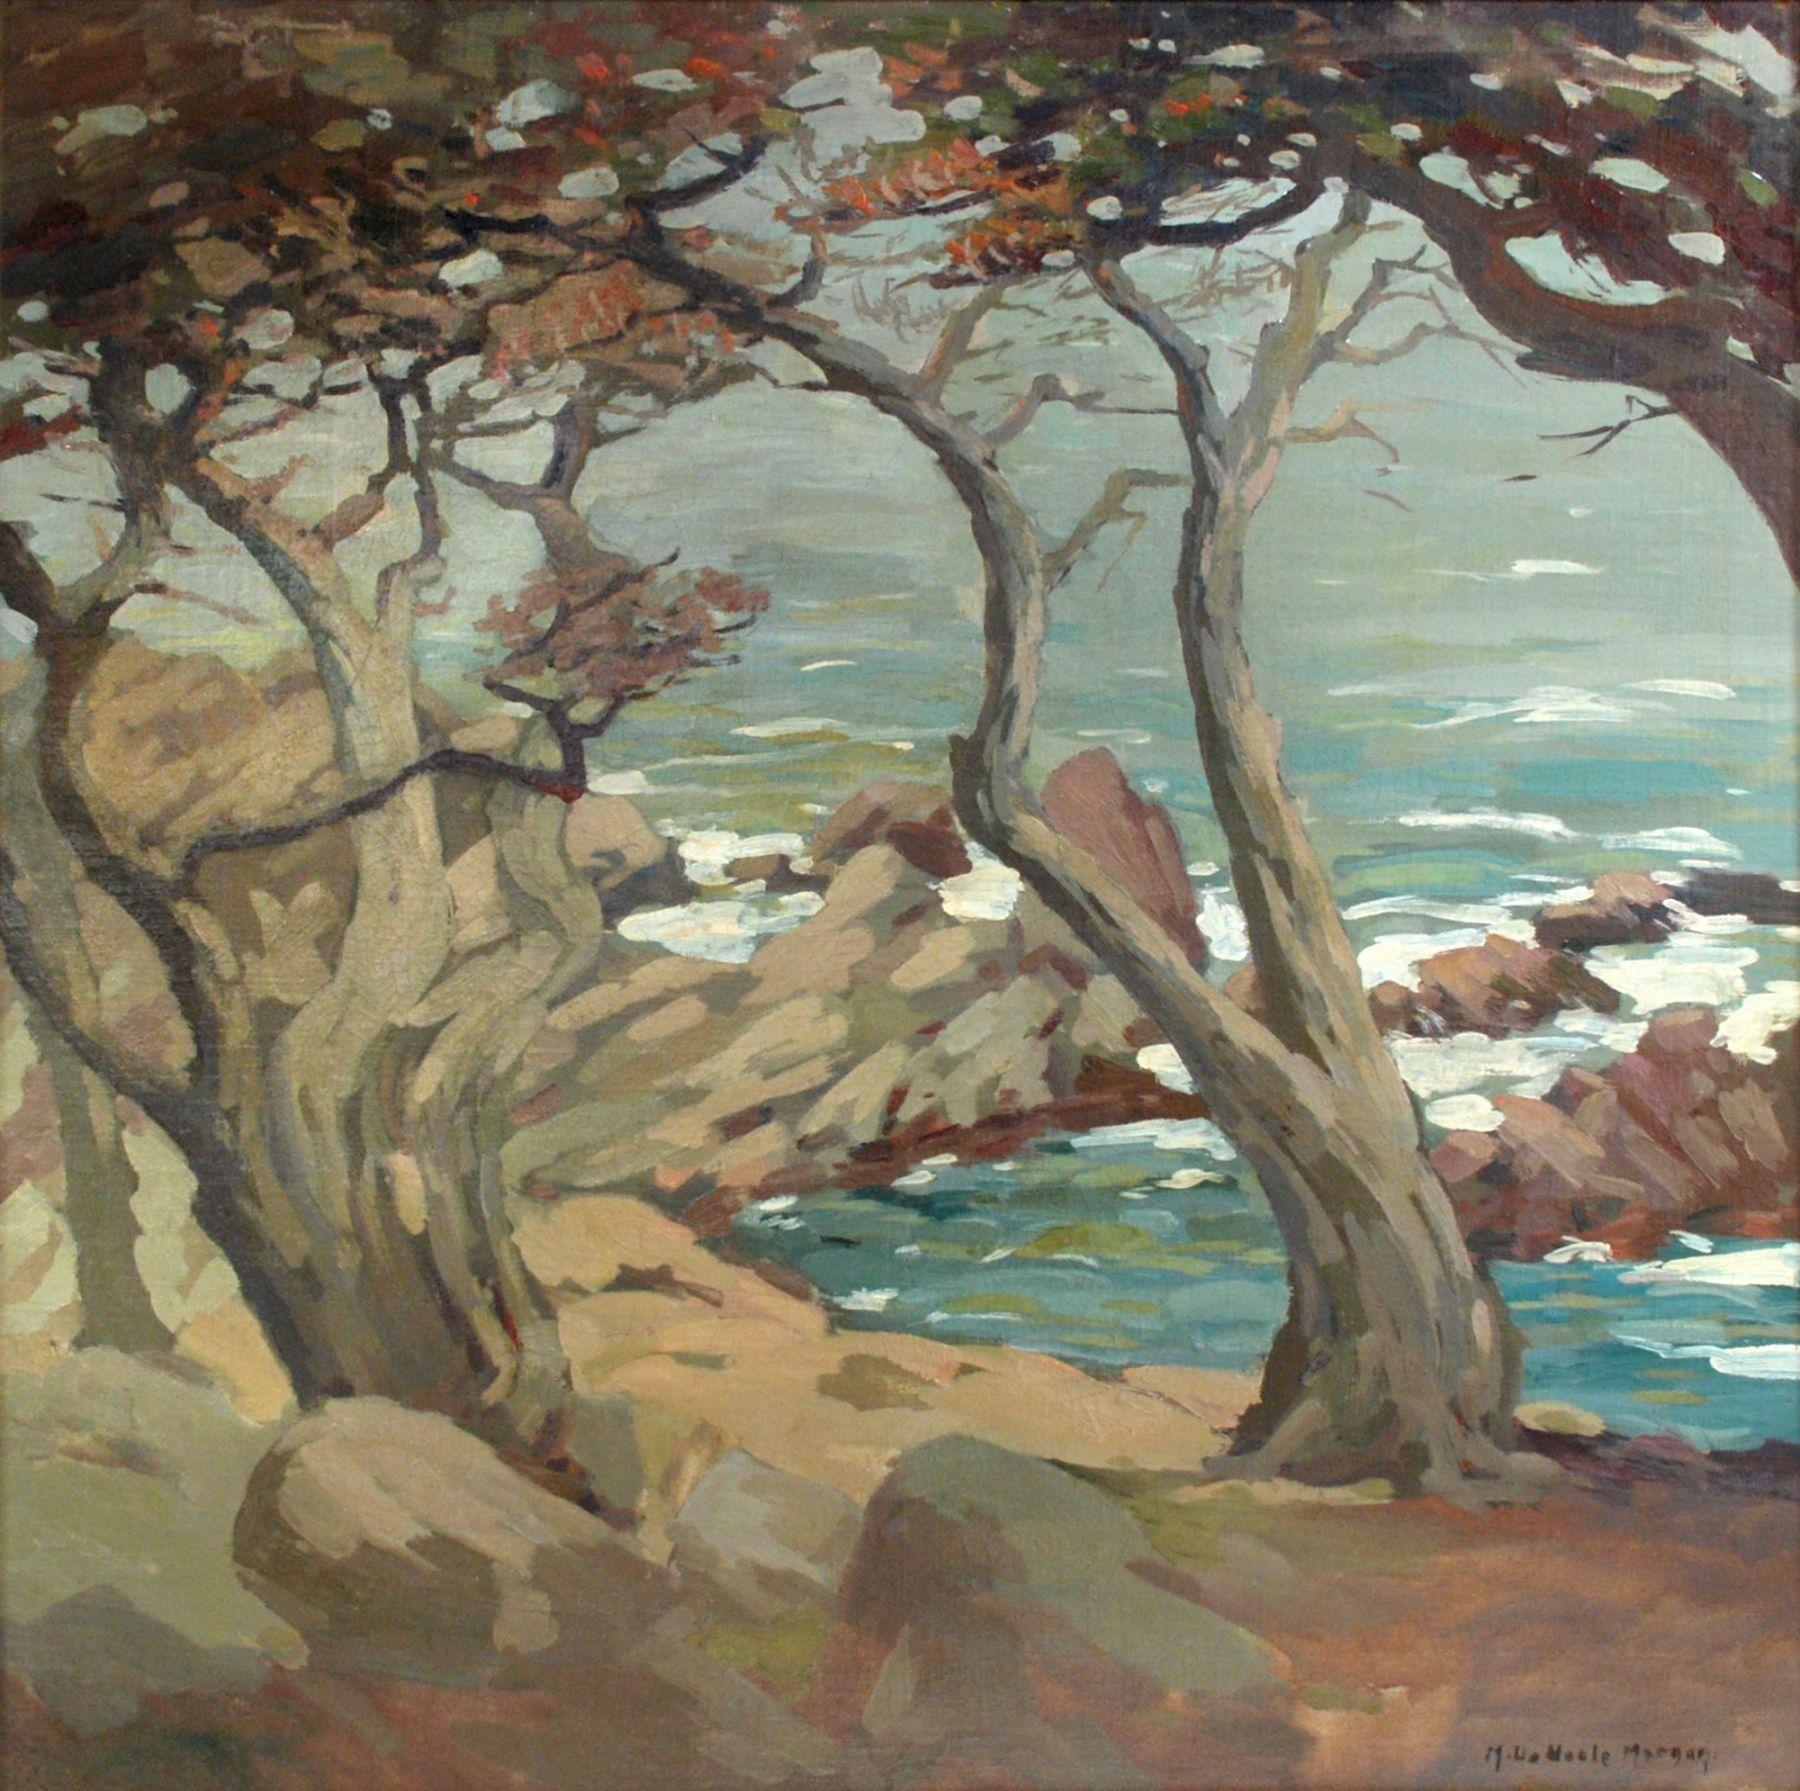 MARY DENEALE MORGAN (1868-1948), Windy Day at Dusk